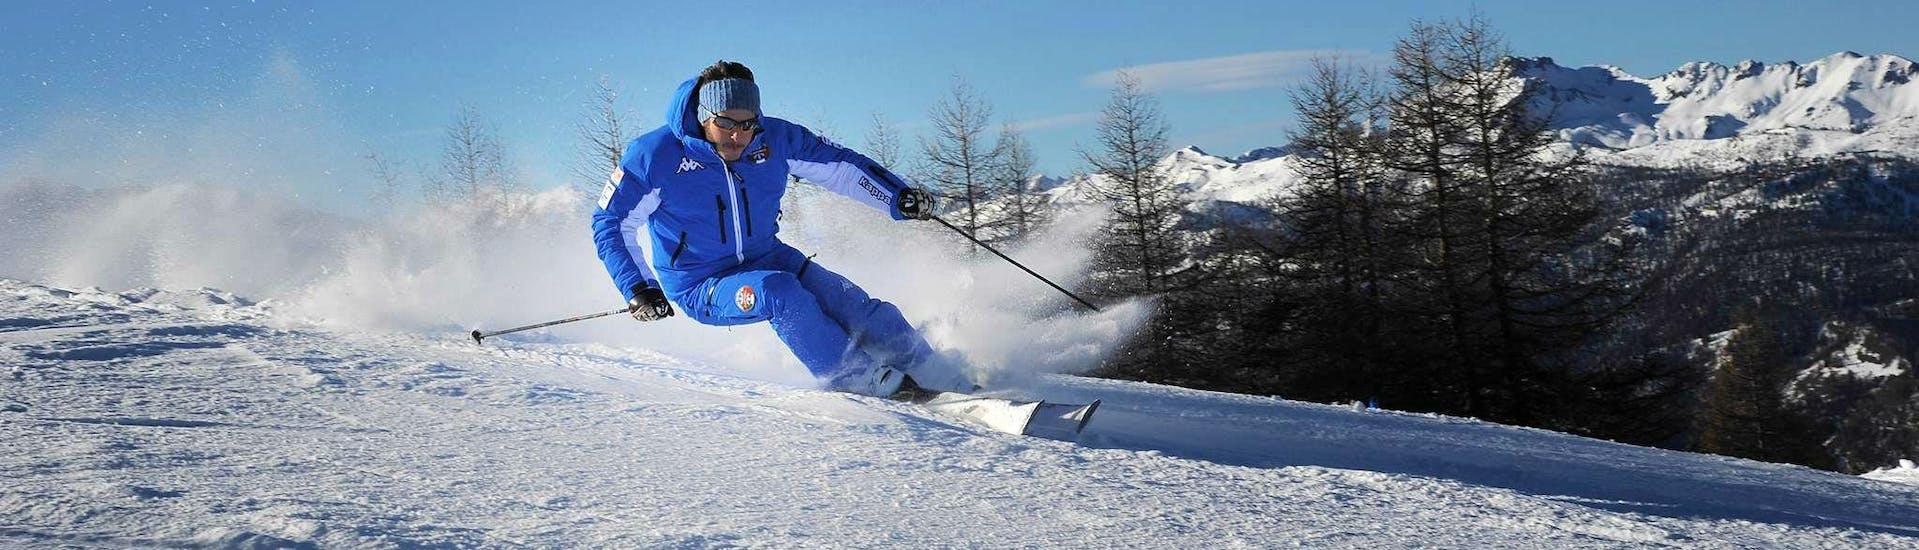 Un maestro della Scuola di Sci Olimpionica a Sestriere sta insegnando la giusta tecnica sciistica durante le Lezioni di sci per adulti - Con esperienza.